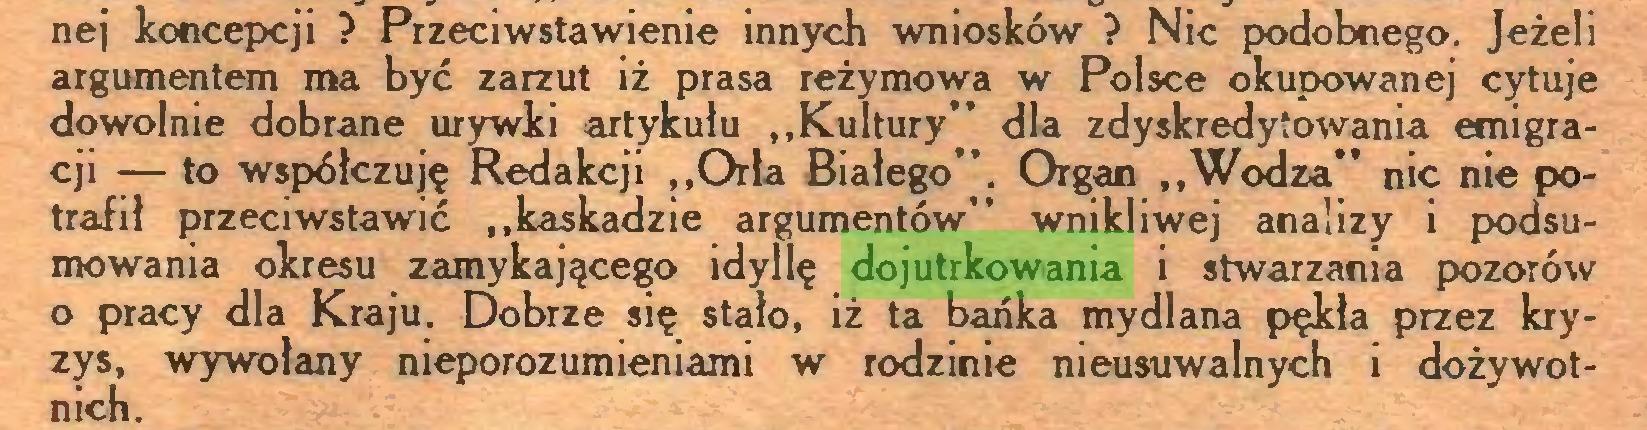 """(...) nej koncepcji ? Przeciwstawienie innych wniosków ? Nic podobnego. Jeżeli argumentem ma być zarzut iż prasa reżymowa w Polsce okupowanej cytuje dowolnie dobrane urywki artykułu """"Kultury"""" dla zdyskredytowania emigracji -— to współczuję Redakcji """"Orla Białego"""". Organ """"Wodza"""" nic nie potrafił przeciwstawić """"kaskadzie argumentów"""" wnikliwej analizy i podsumowania okresu zamykającego idyllę dojutrkowania i stwarzania pozorów o pracy dla Kraju. Dobrze się stało, iż ta bańka mydlana pękła przez kryzys, wywołany nieporozumieniami w rodzinie nieusuwalnych i dożywotnich..."""